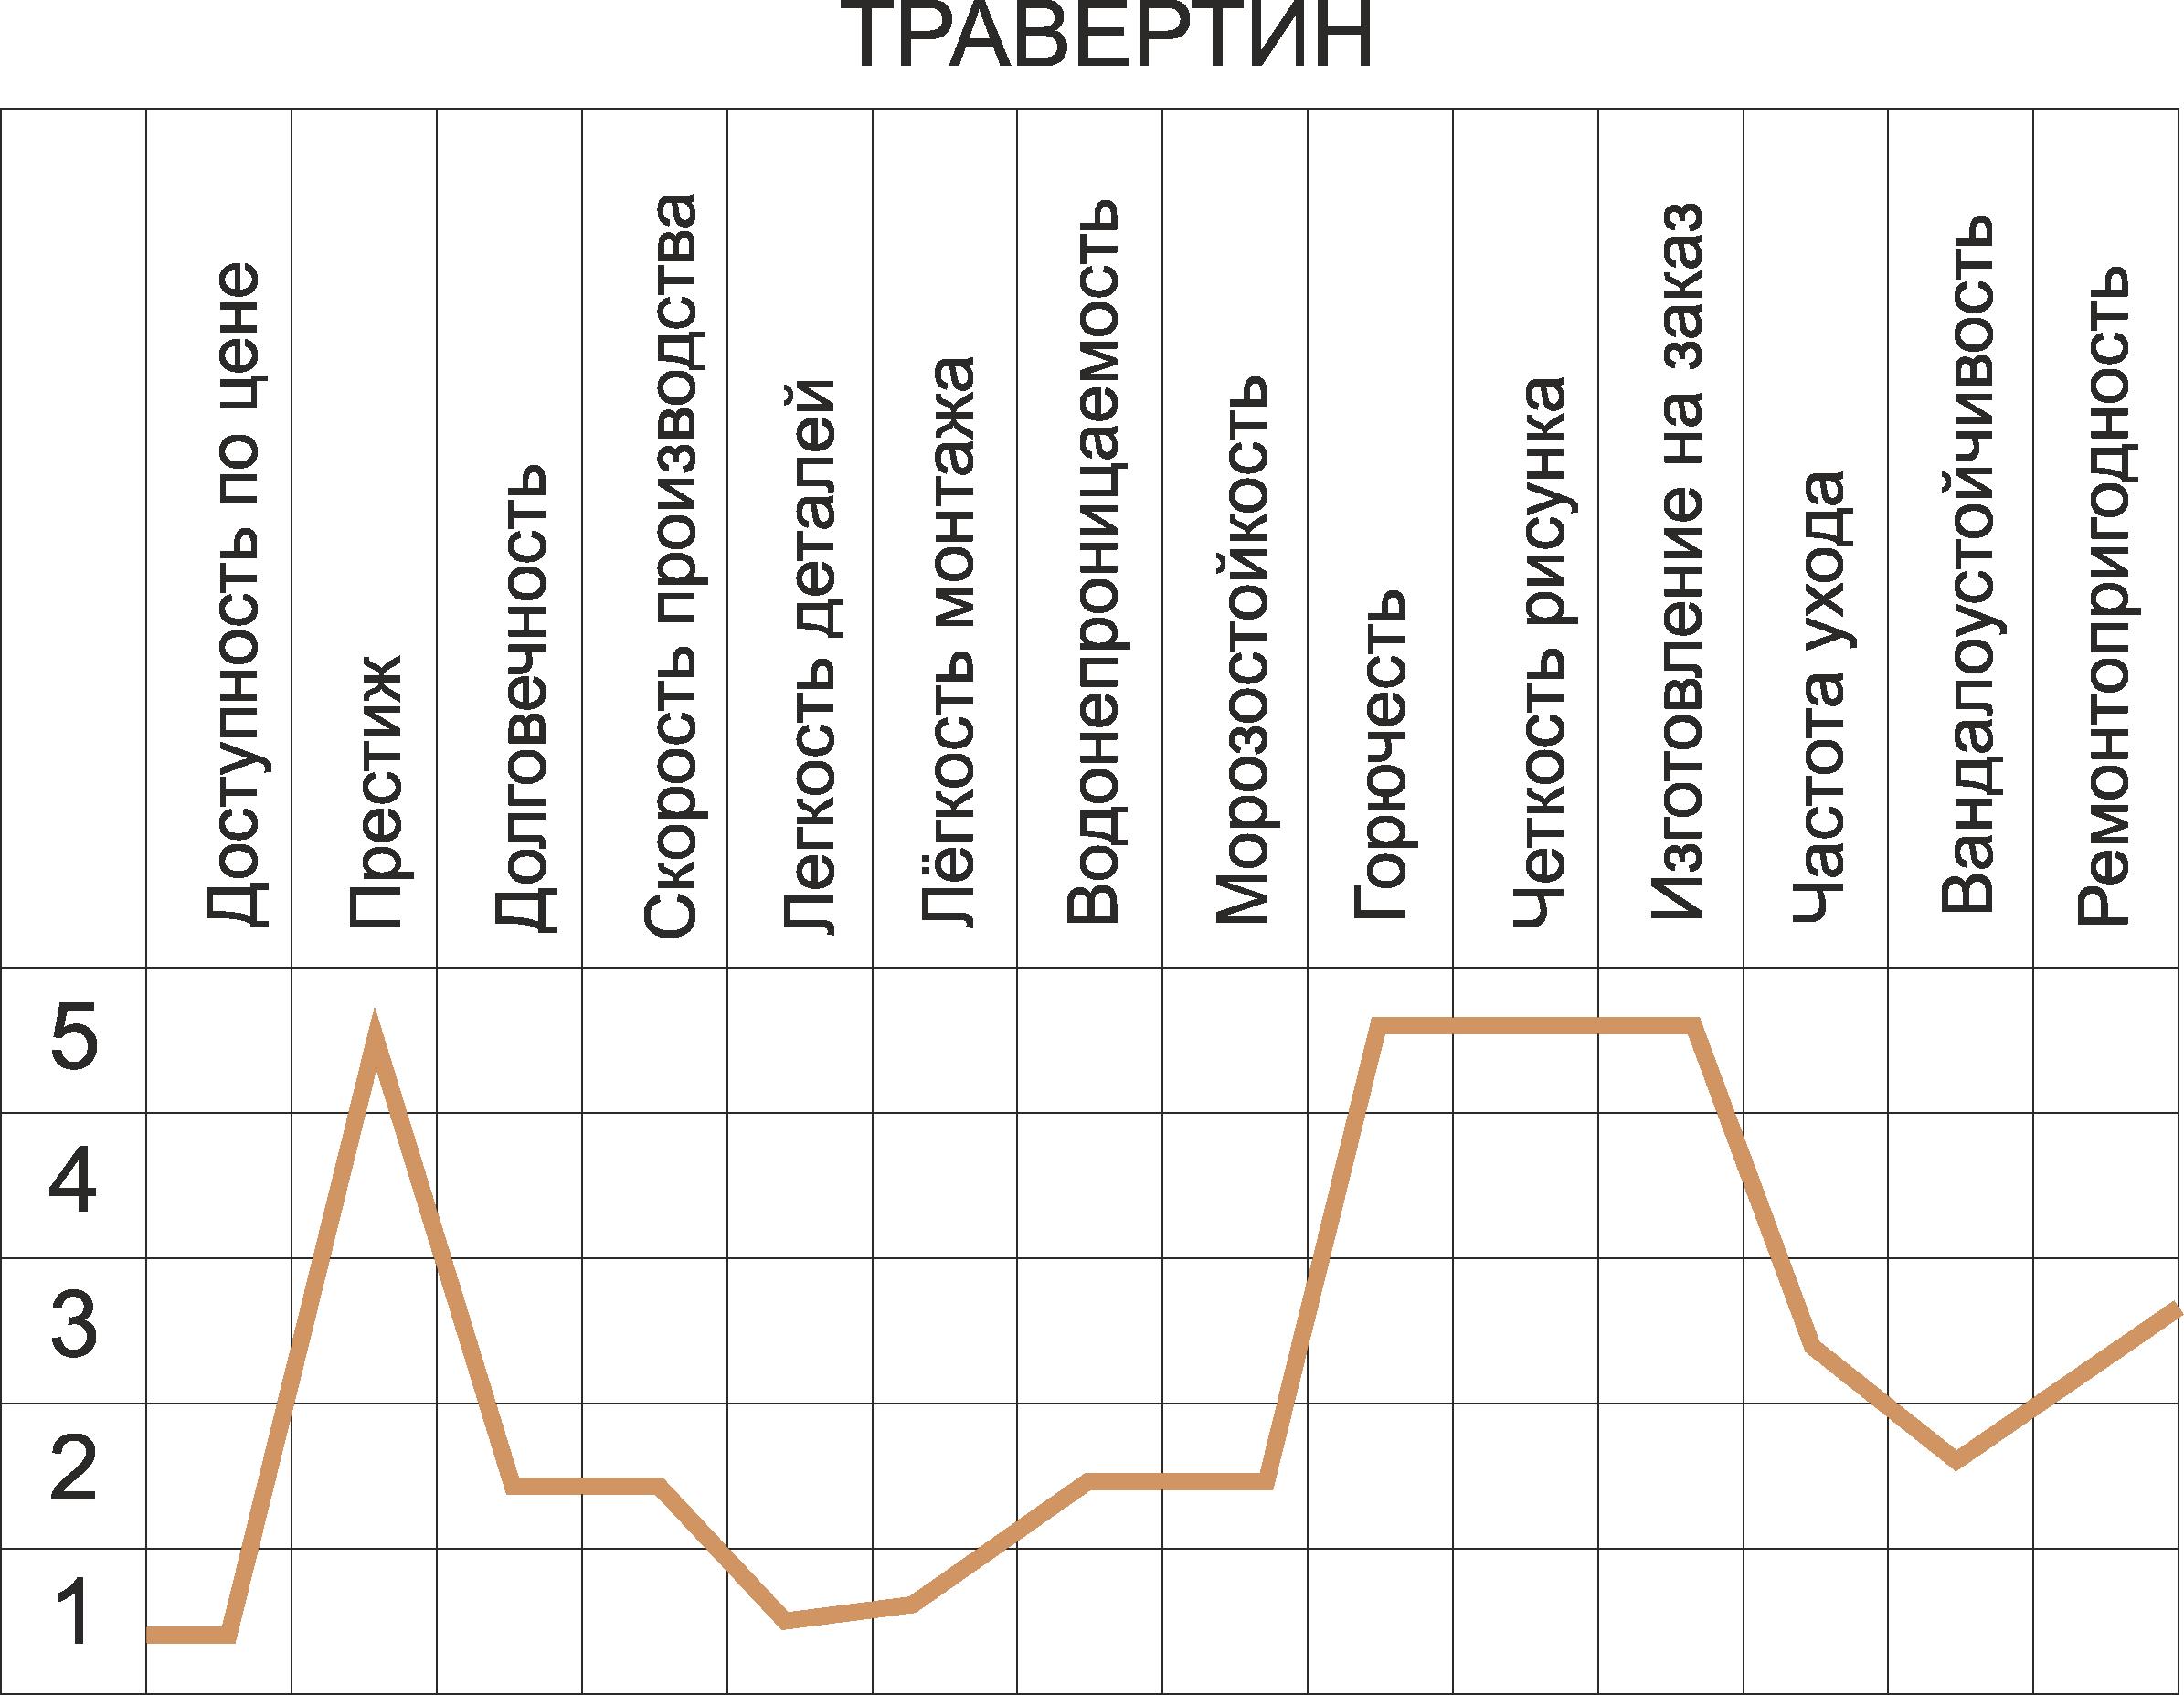 Травертин график свойств